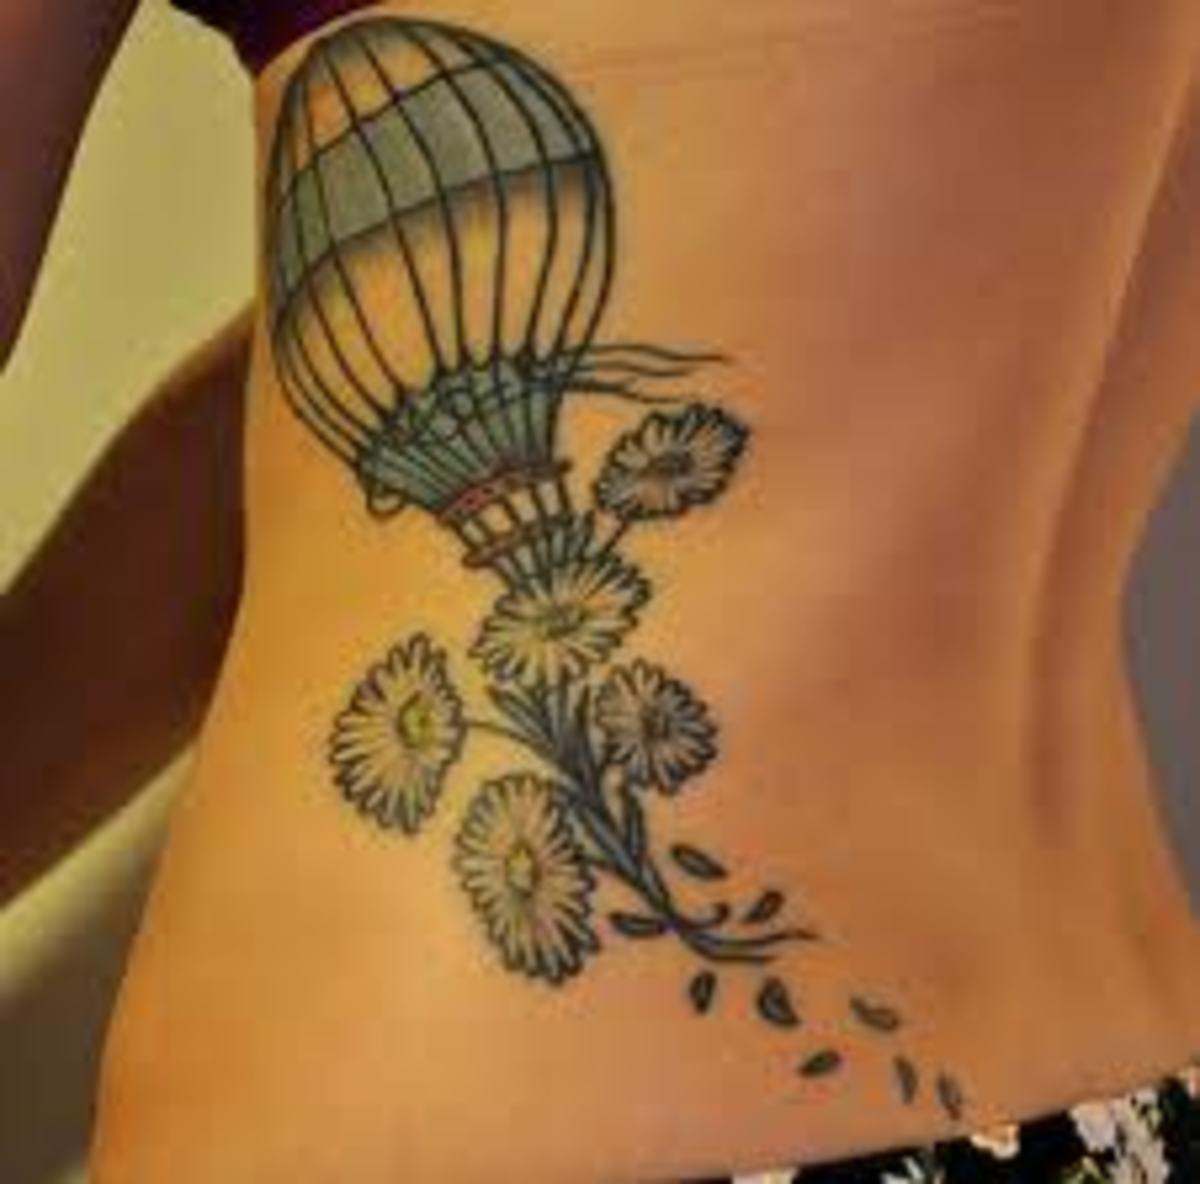 idei-dlya-tatuirovok - Воздушный шар татуировки: значение, эскизы, рисунки и идеи -  - фото